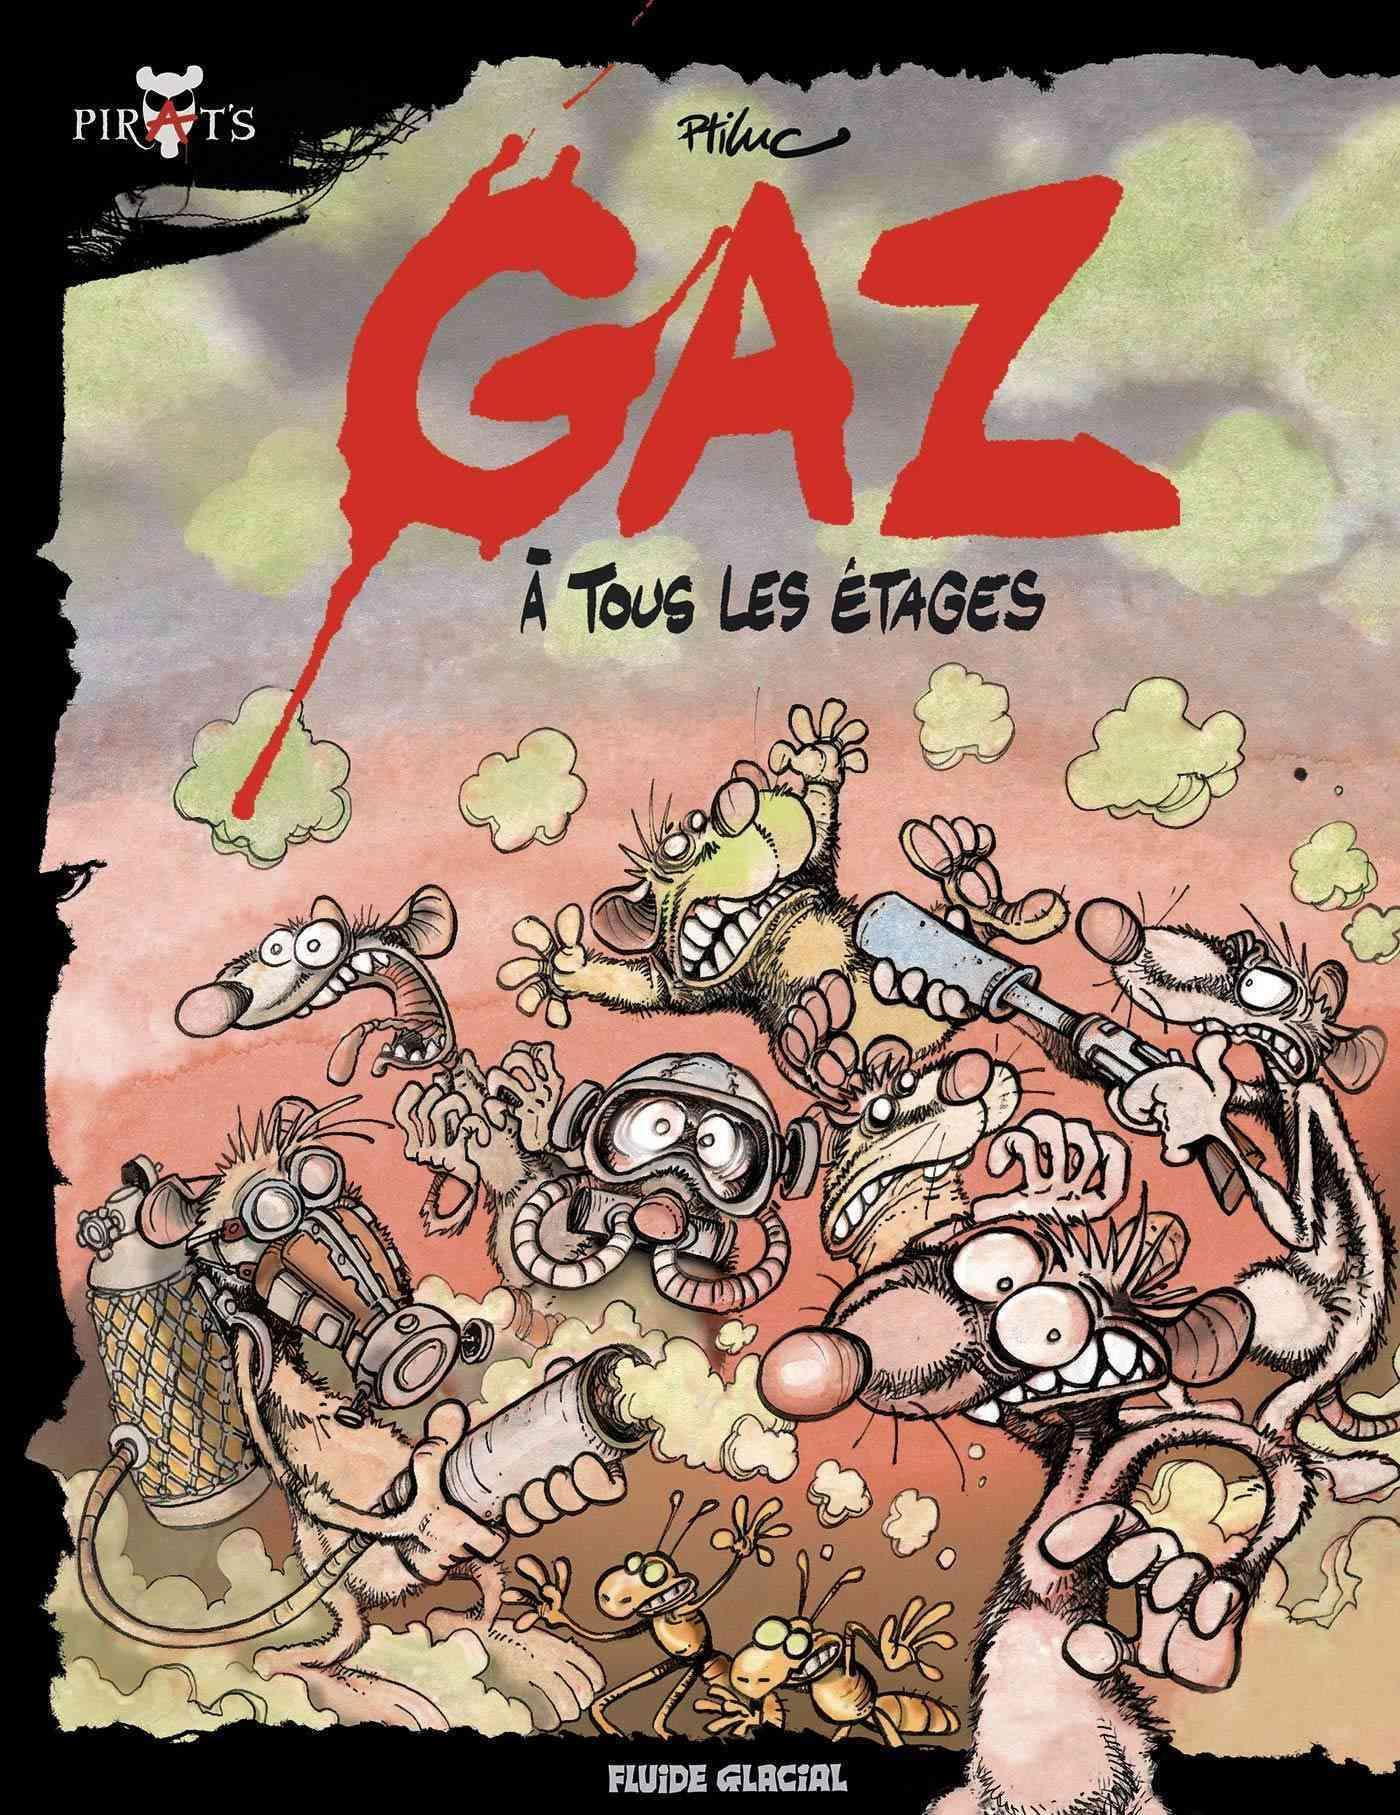 Les Rats sentent le gaz